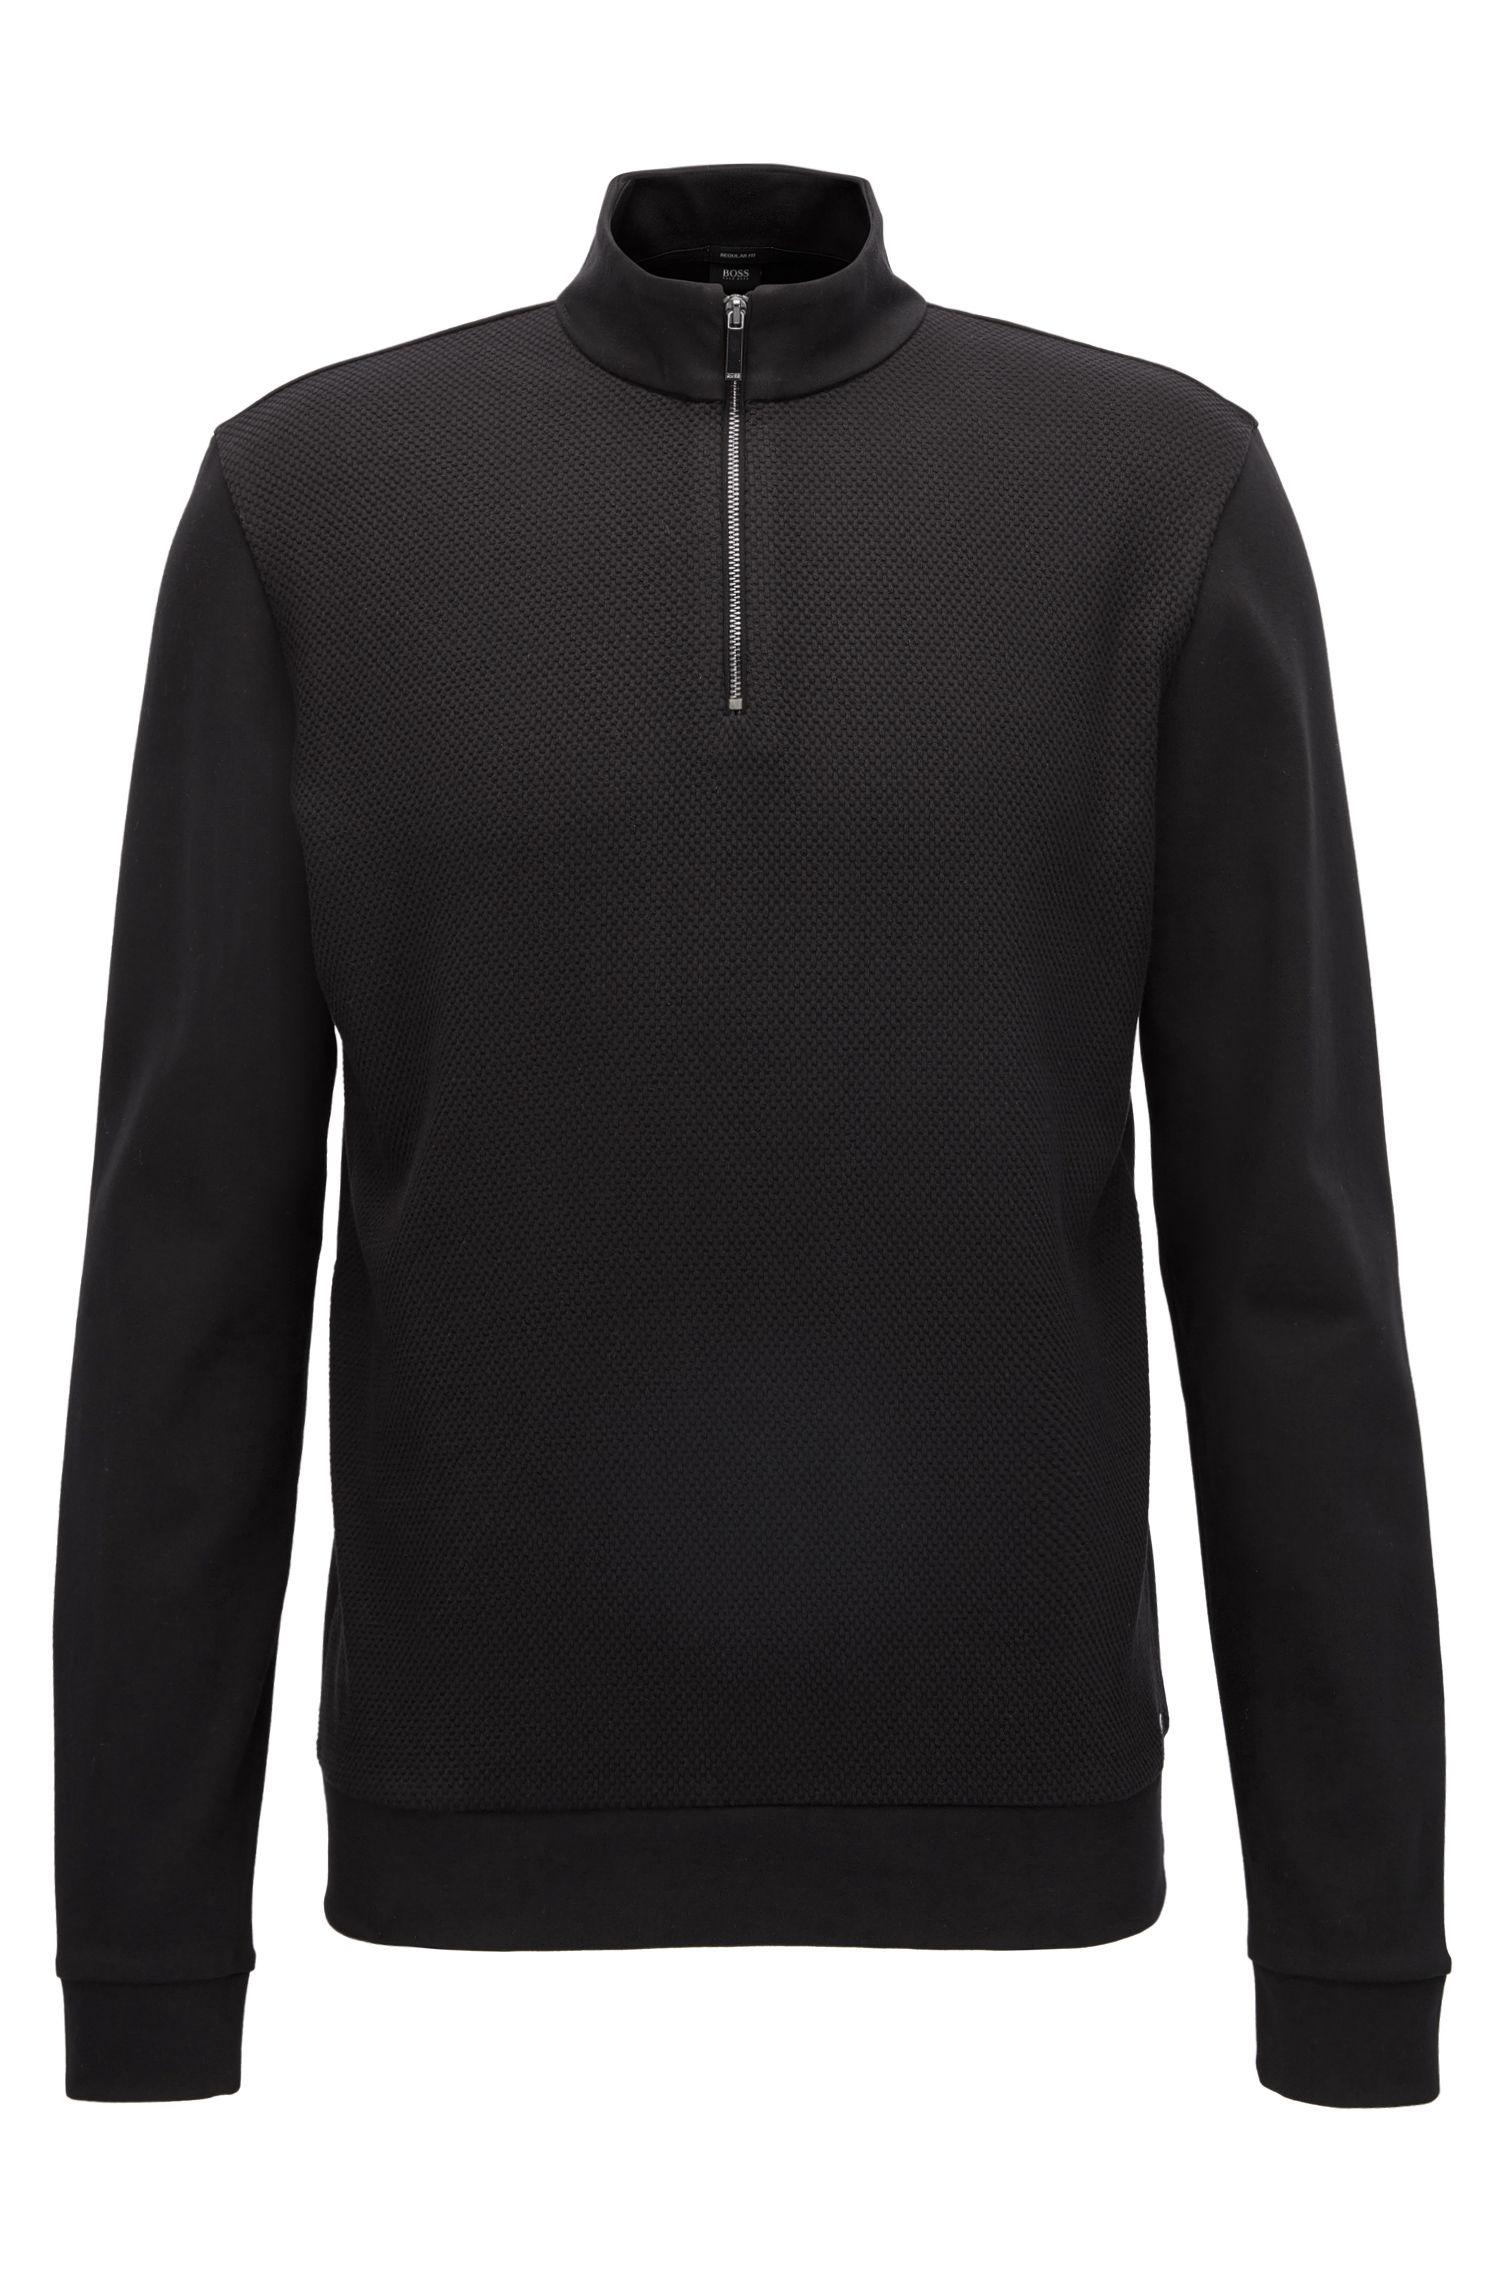 Pullover aus merzerisierter Baumwolle mit Troyer-Kragen